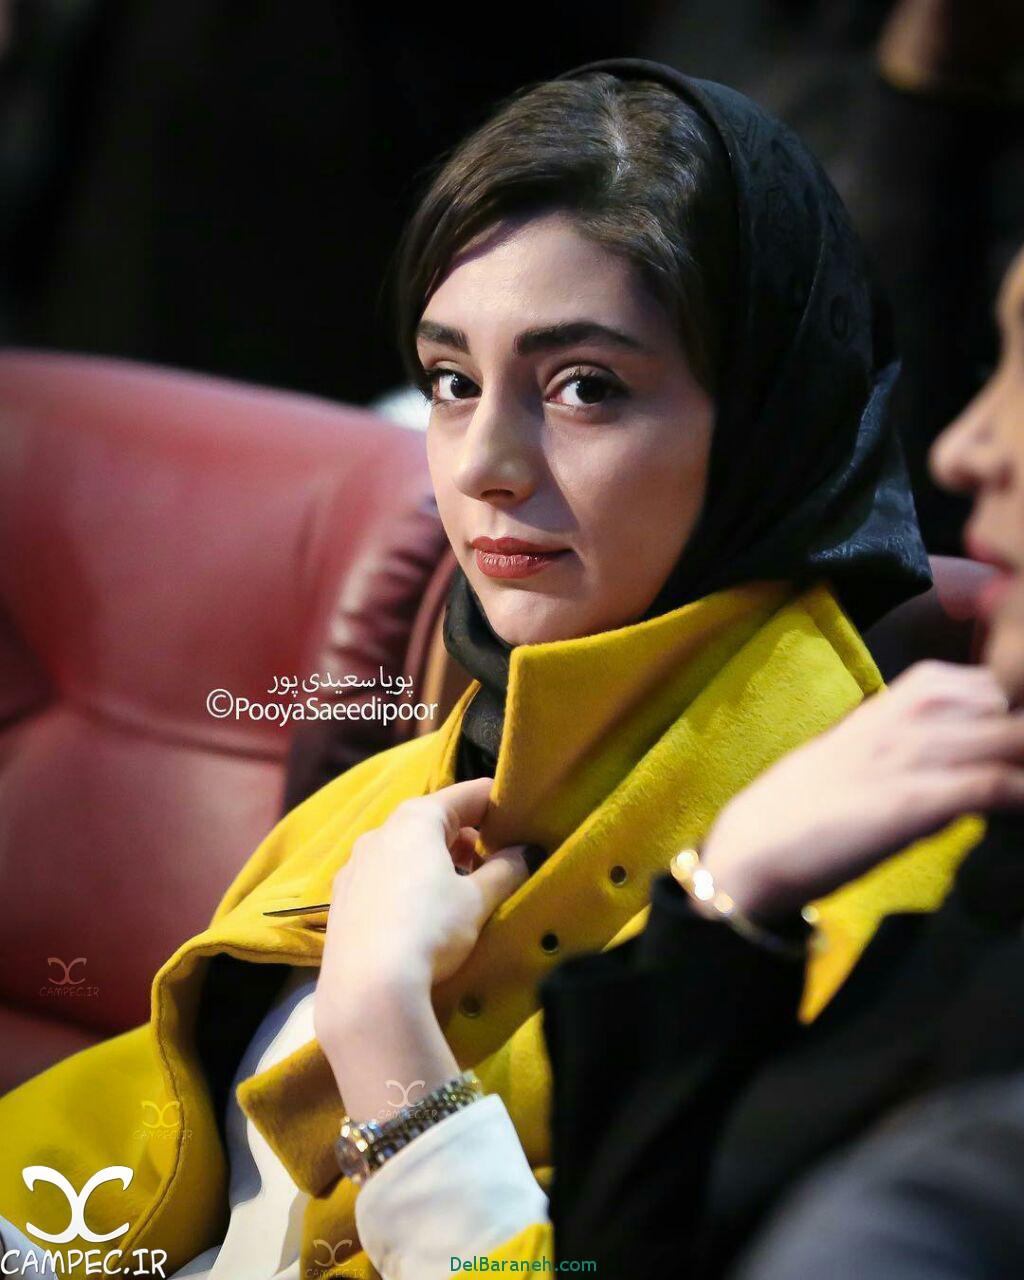 مدل مانتو بازیگران زن ایرانی در سی و پنجمین جشنواره فجر ۹۵ (30)